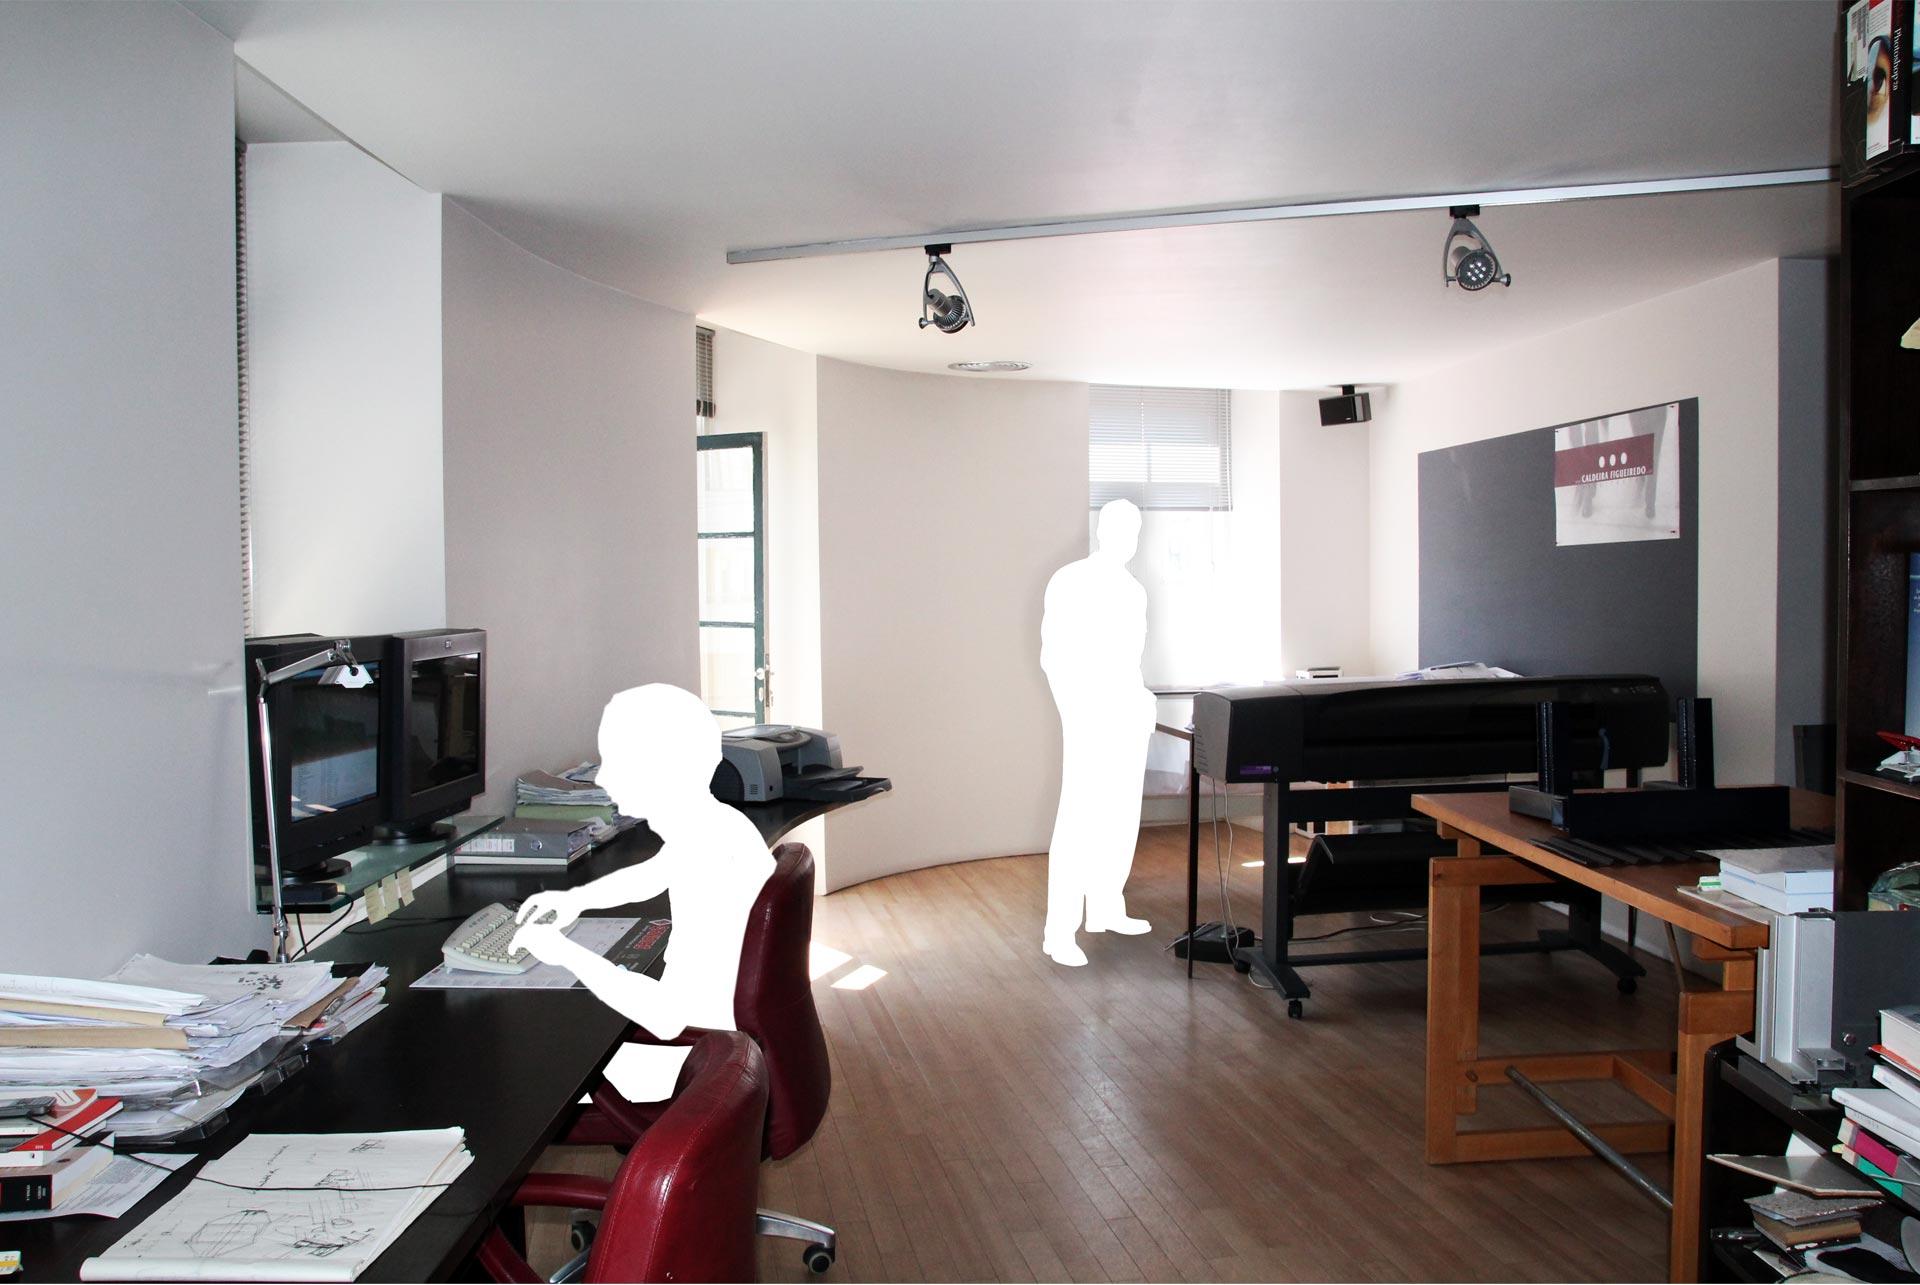 CALDEIRA FIGUEIREDO OFFICE 05